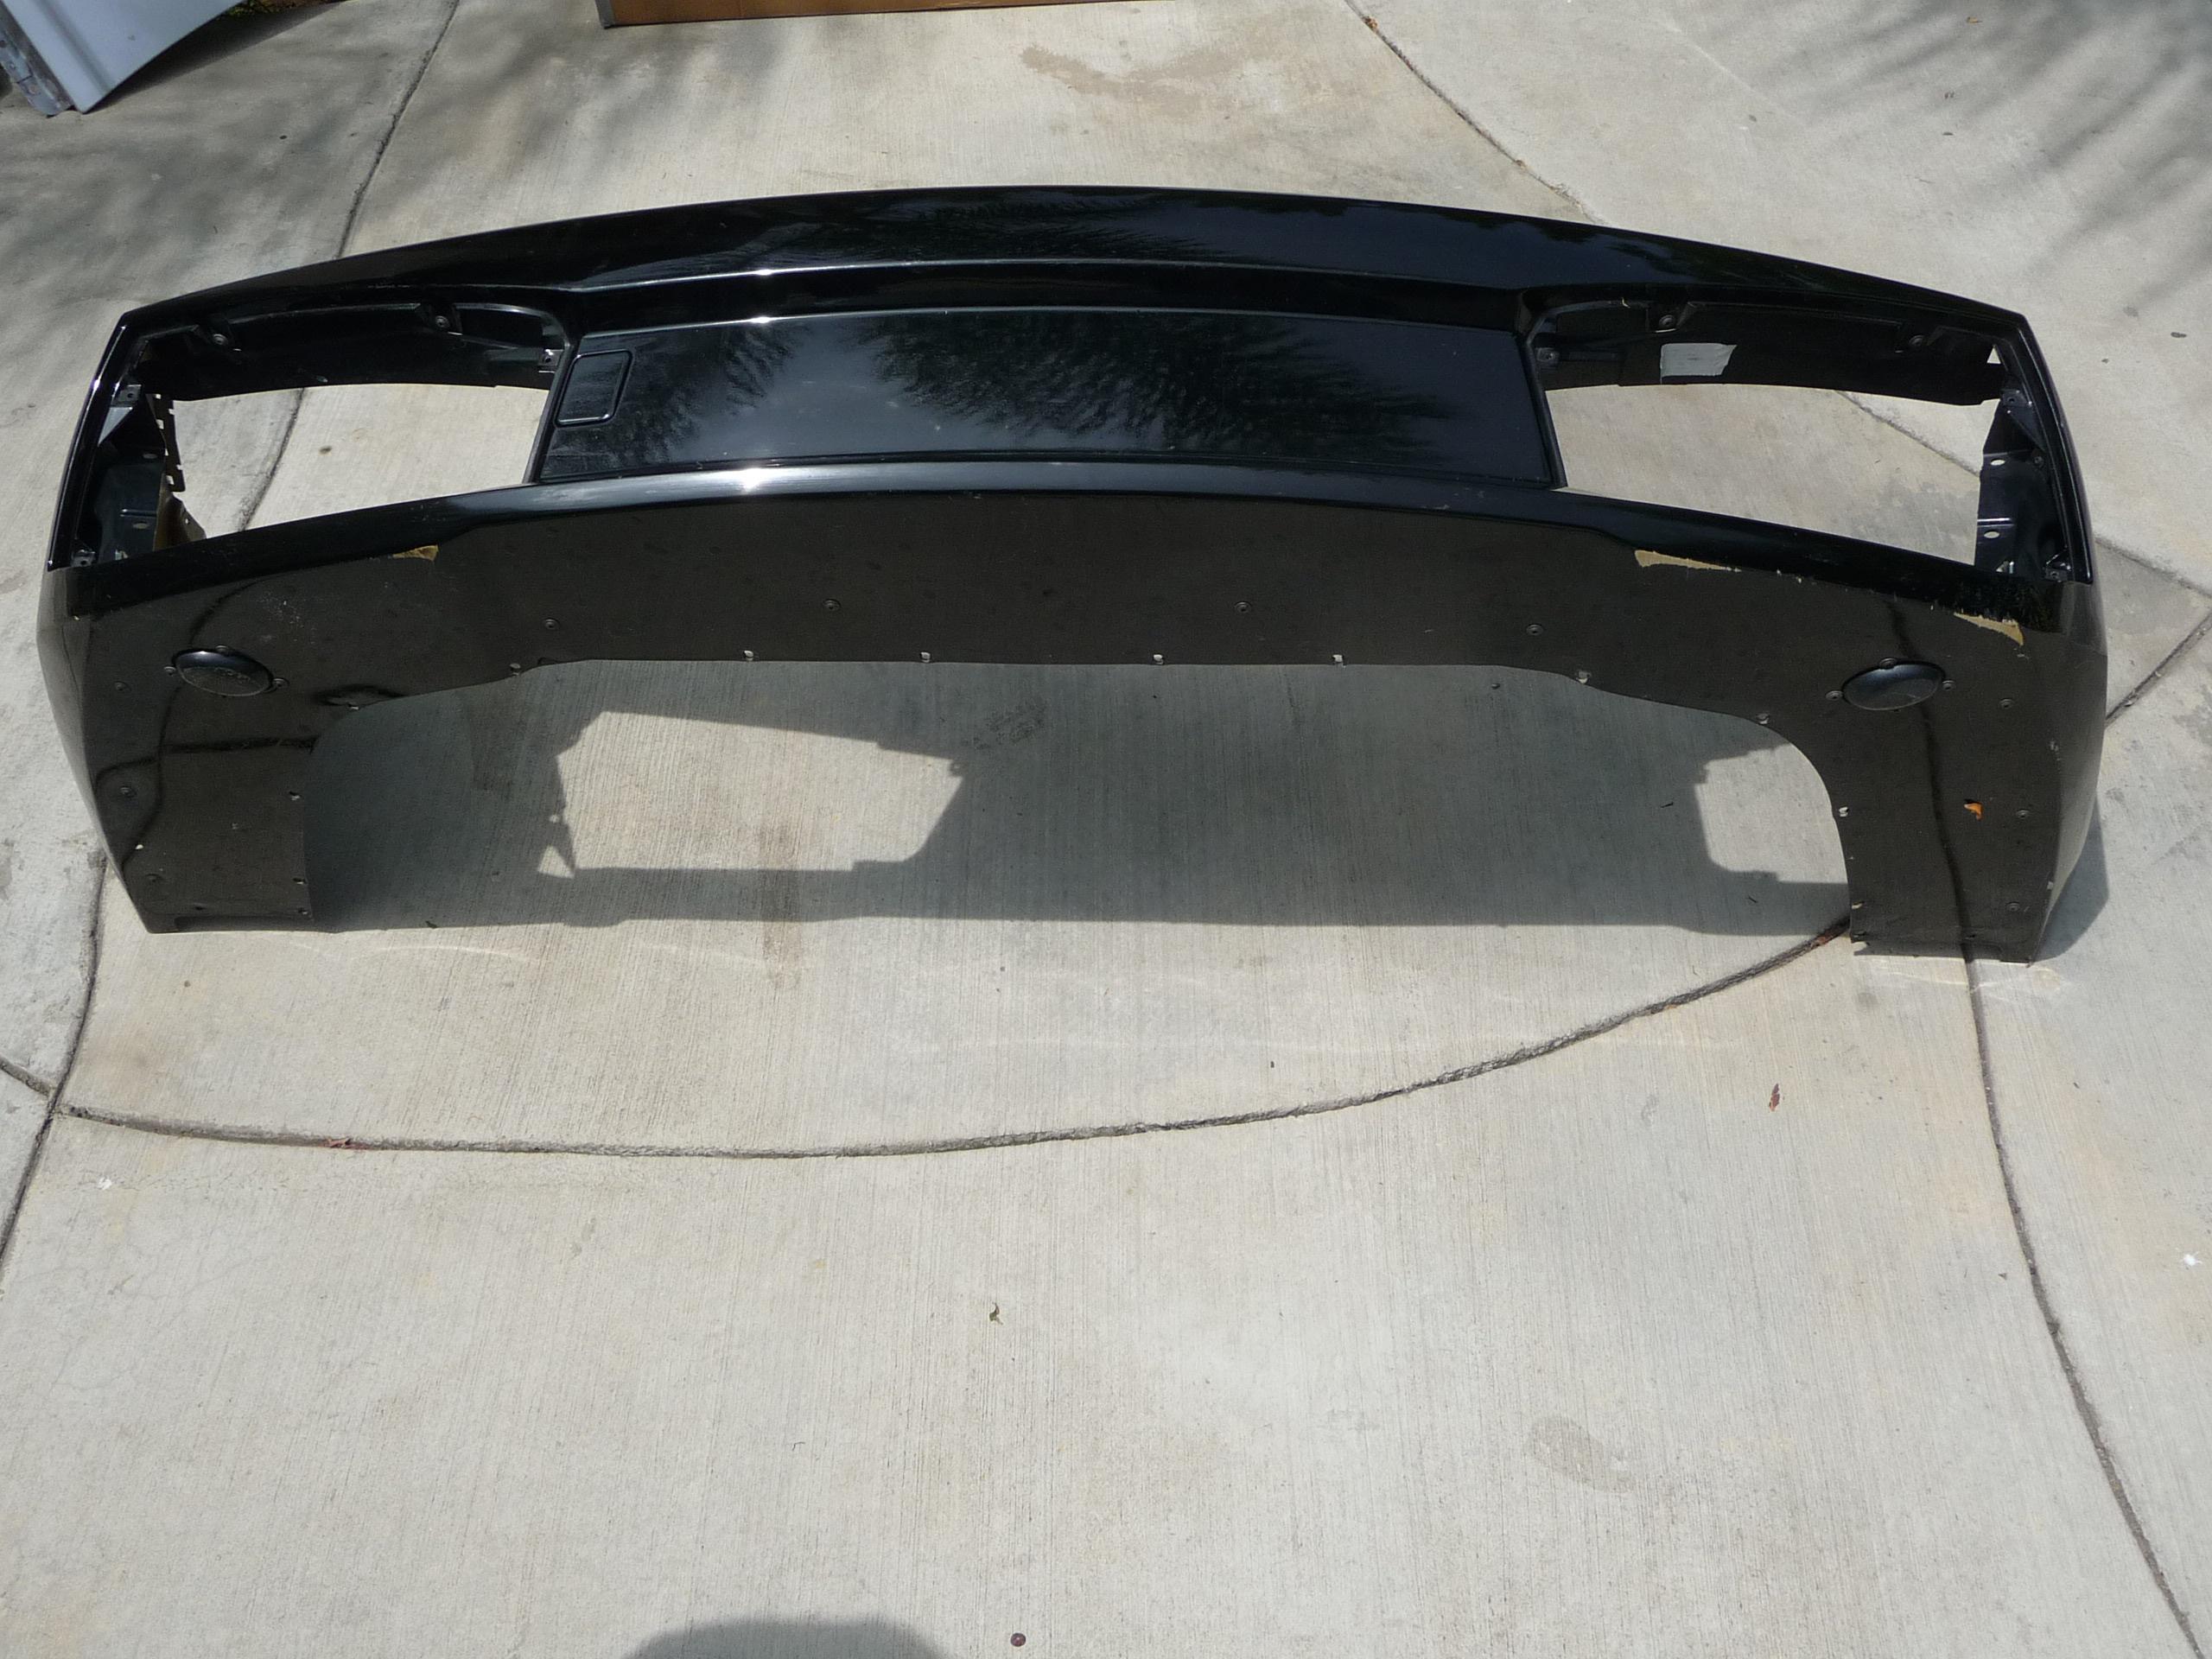 Lamborghini Gallardo Spyder Coupe Front Bumper Cover 400807437; 400807429A OEM - Used Auto Parts Store | LA Global Parts